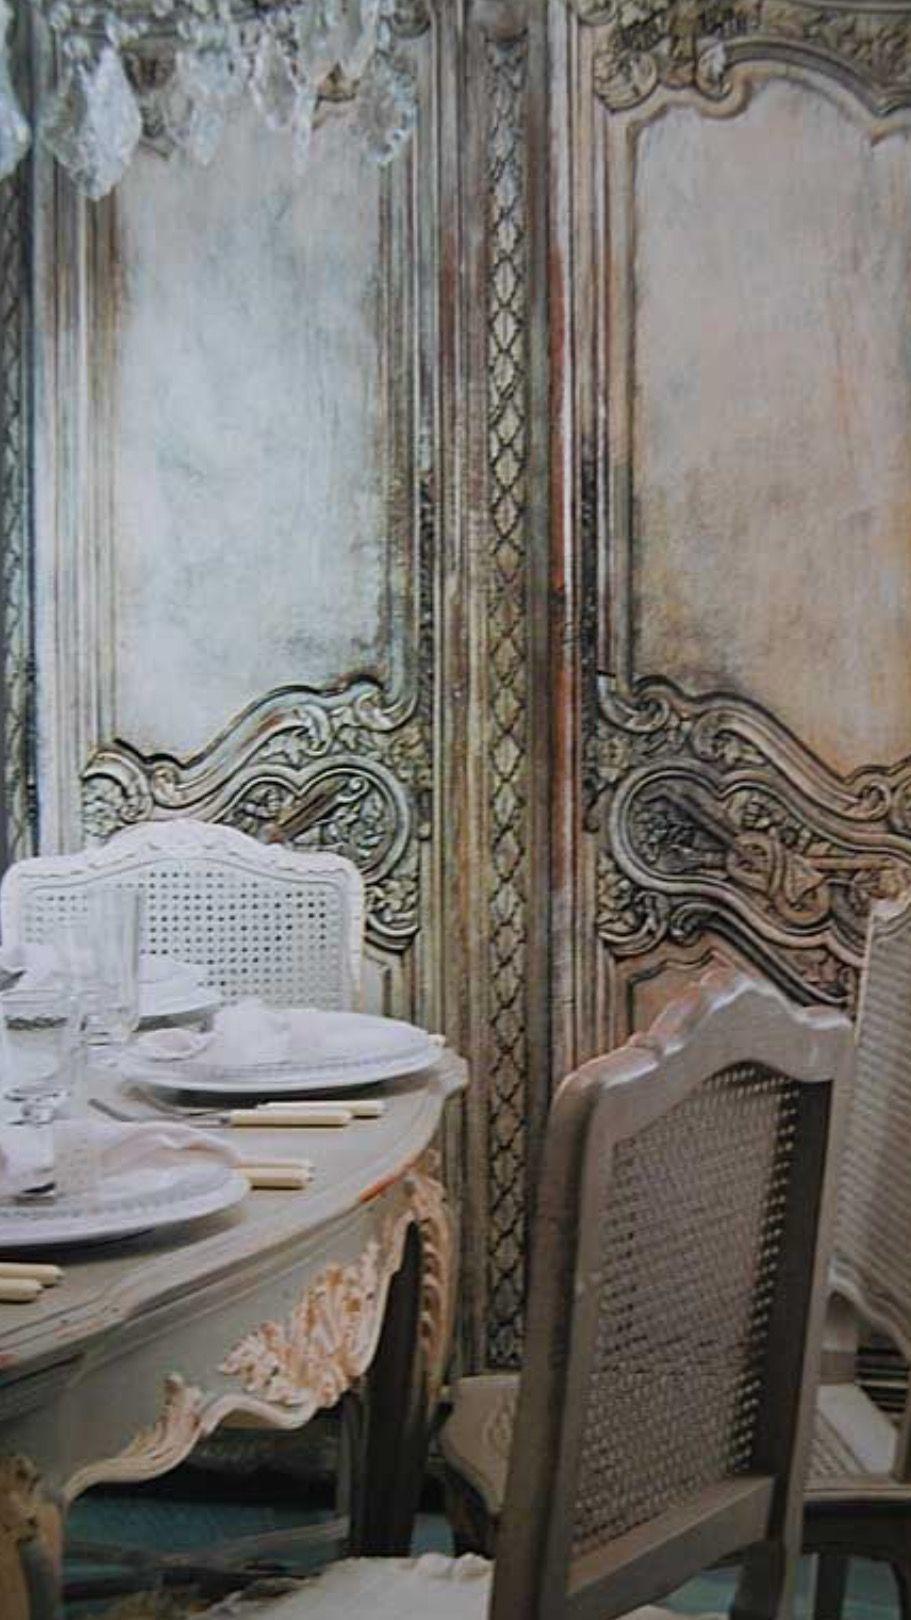 Pingl par marie sur meubles peints patin s boiseries pinterest armoire mobilier de - Faire l amour sur un meuble ...